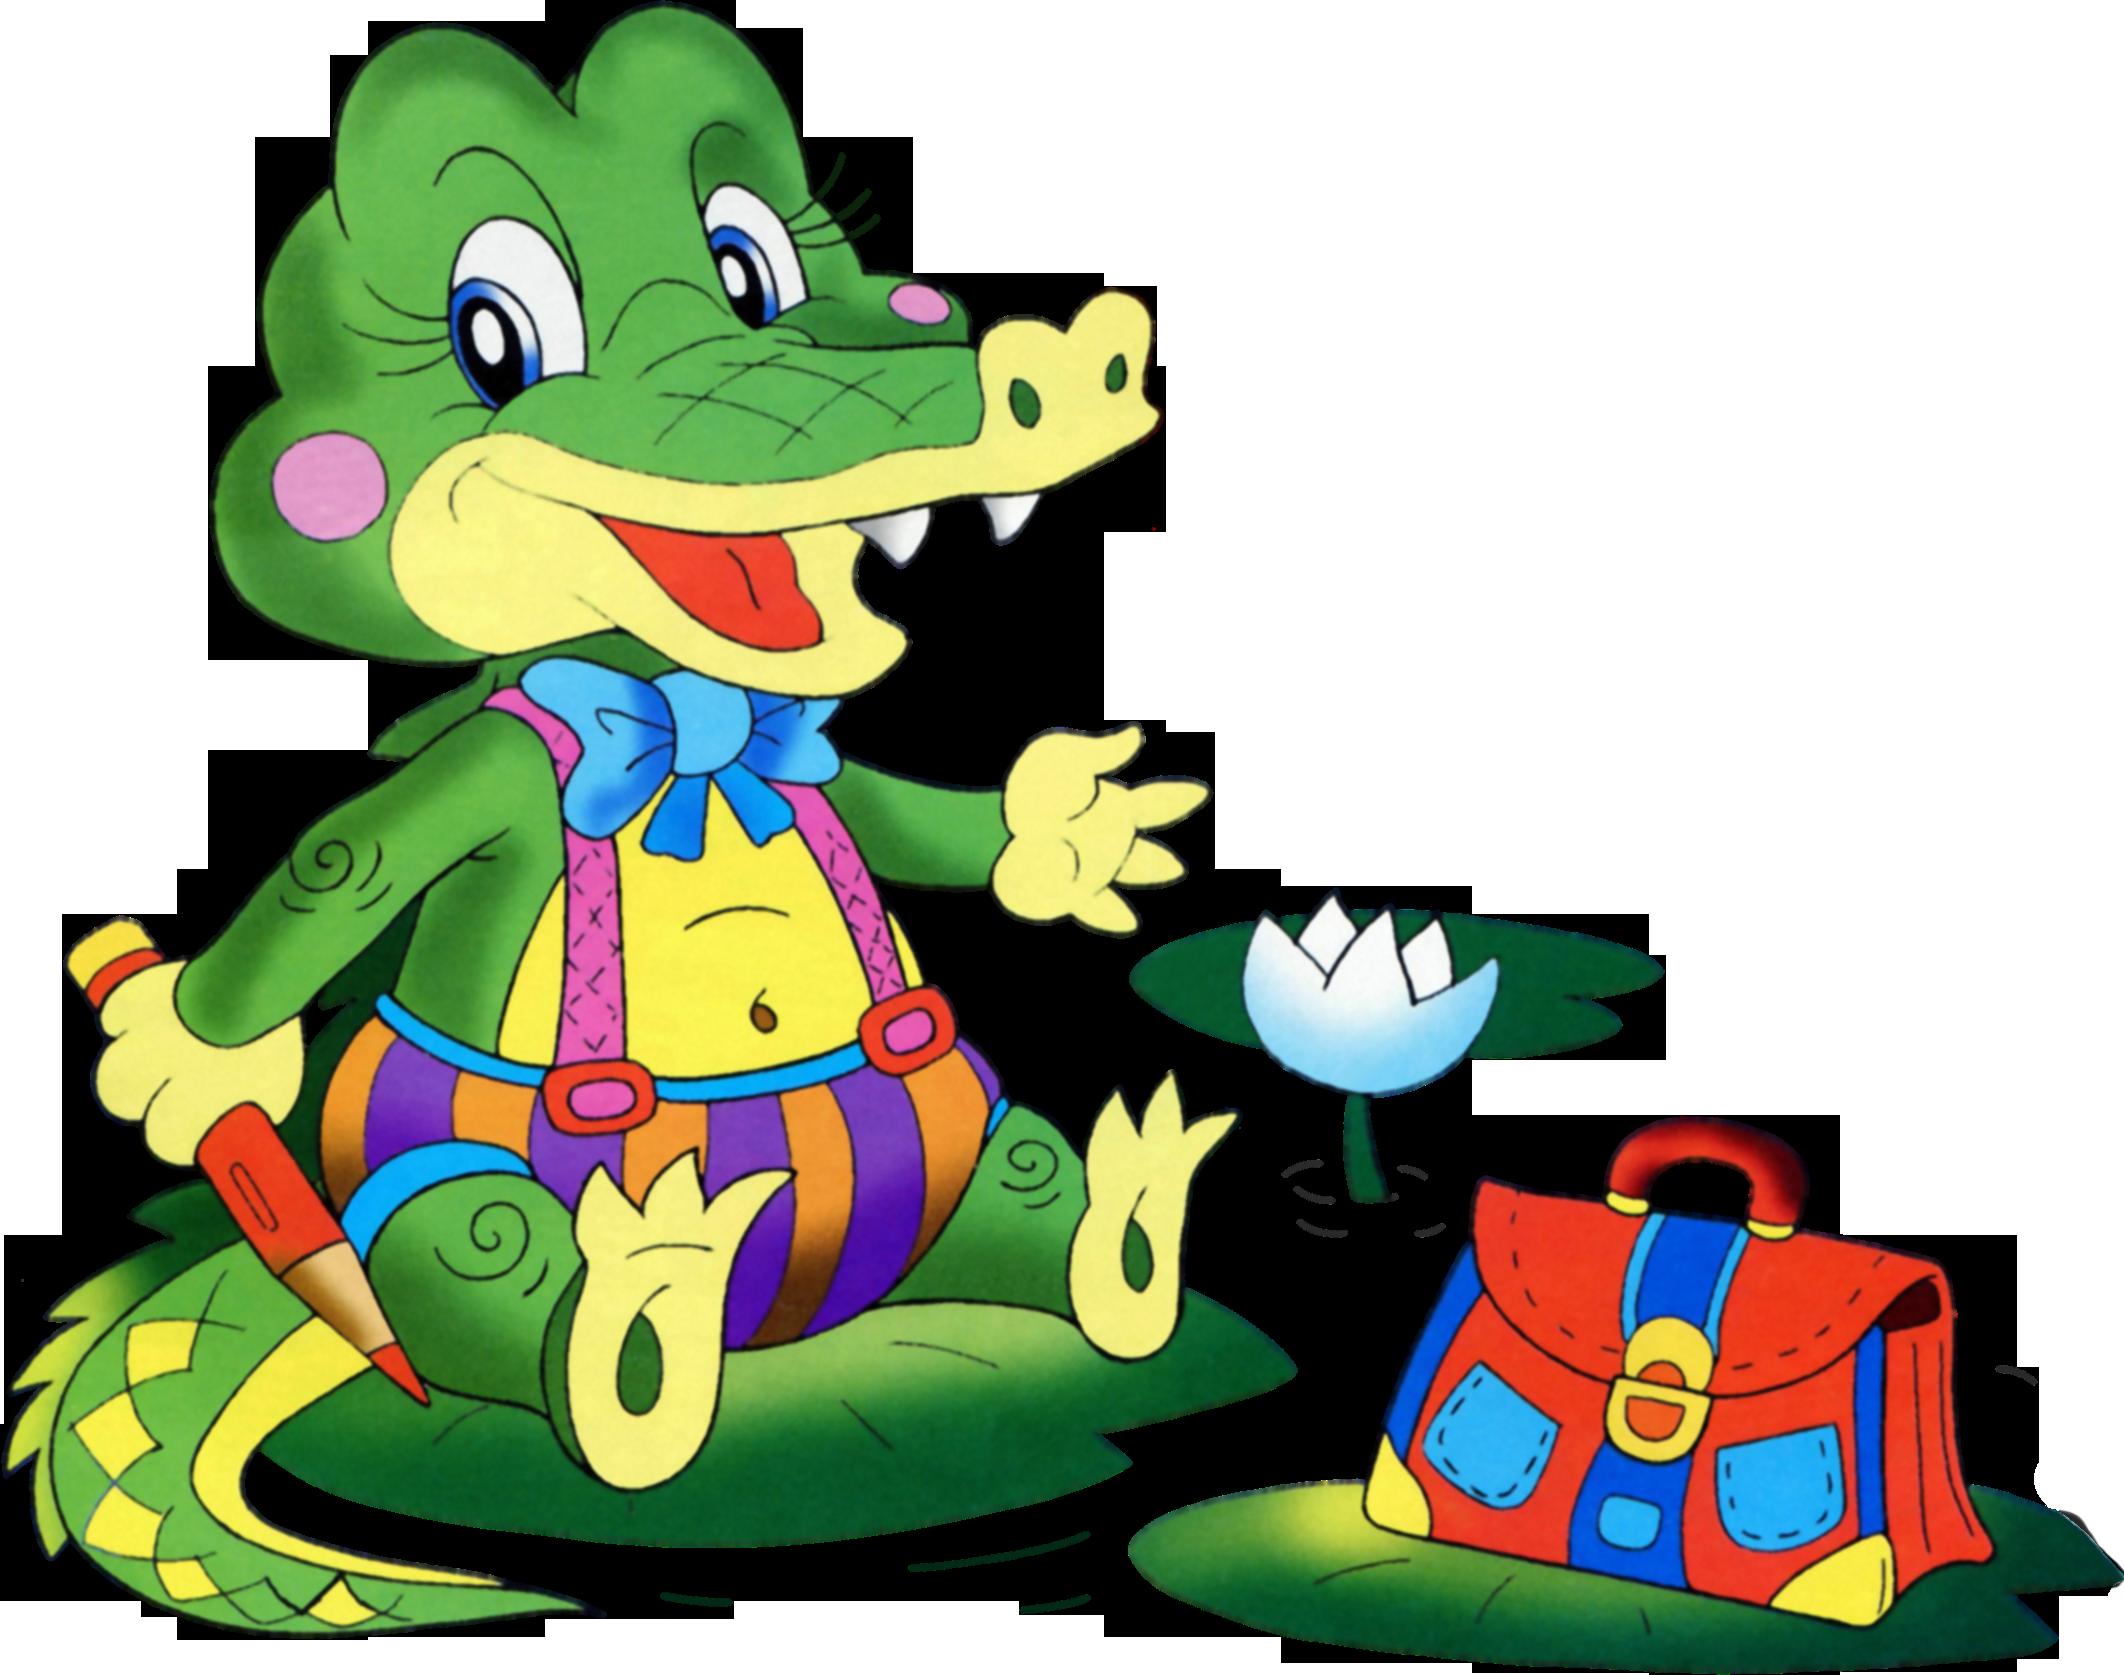 Крокодил картинки для детей на прозрачном фоне, смыслом картинки